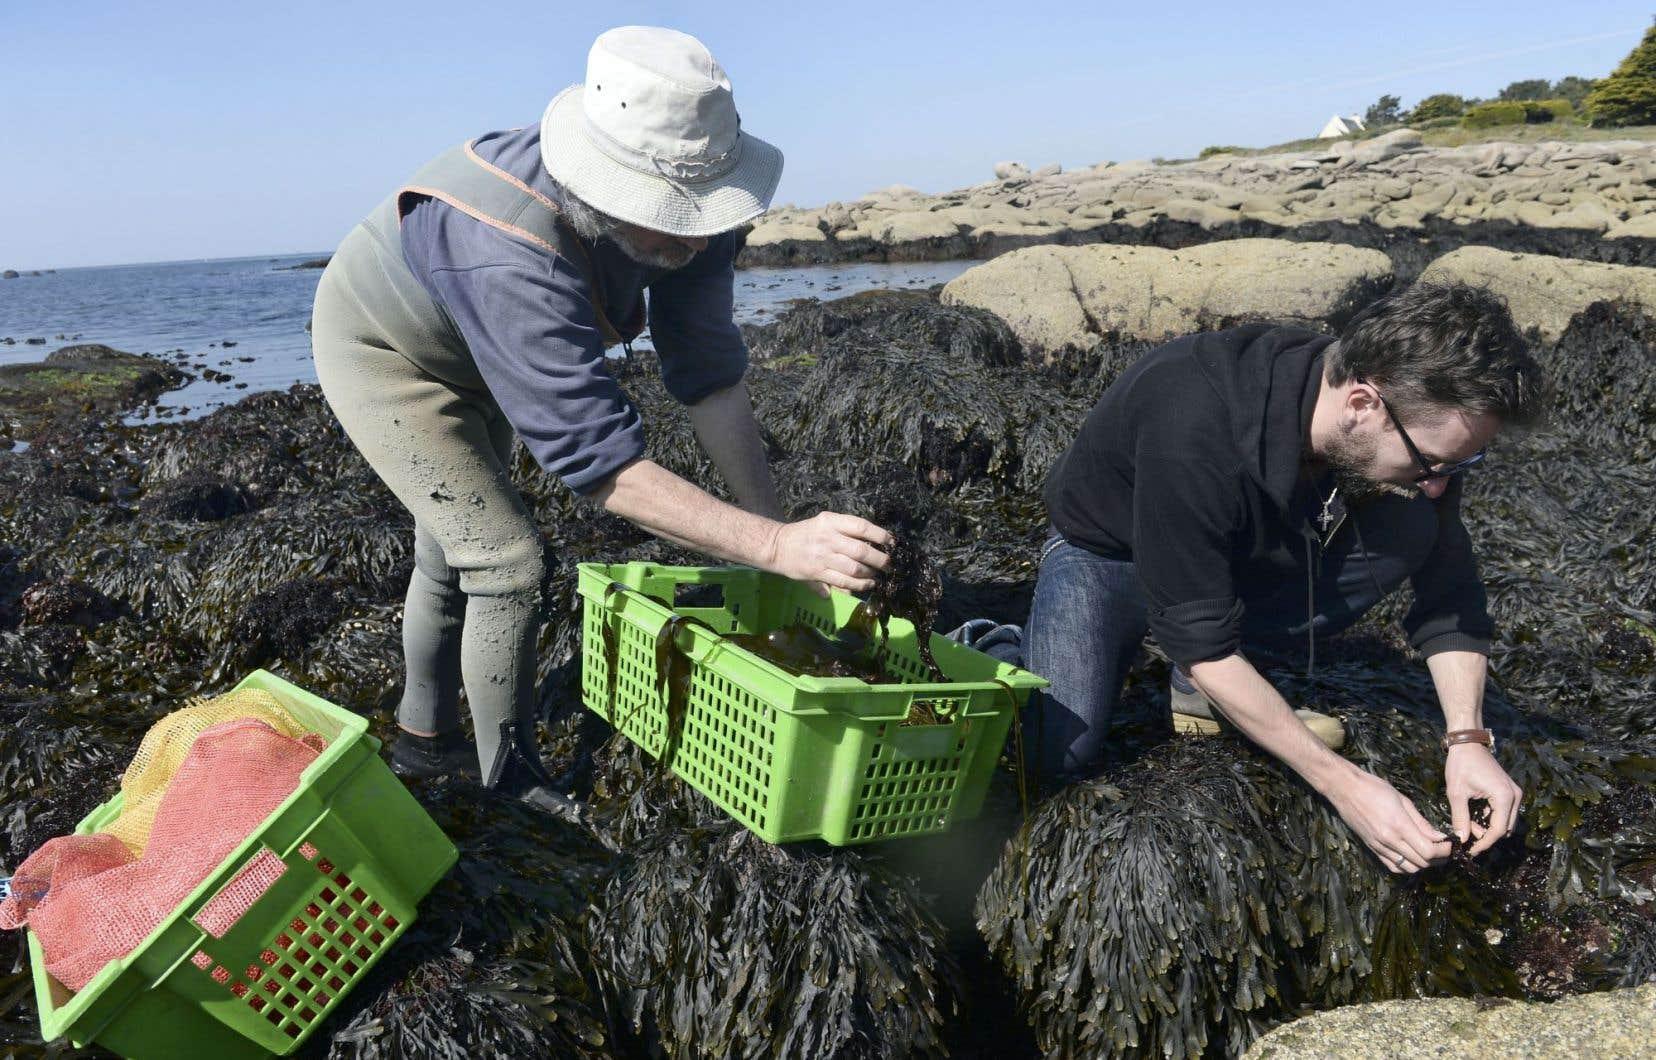 L'algoculteur breton André Berthou (à gauche) en pleine récolte d'algues, ce produit qui passionne de plus en plus les consommateurs à la recherche de produits naturels pour varier leur alimentation.